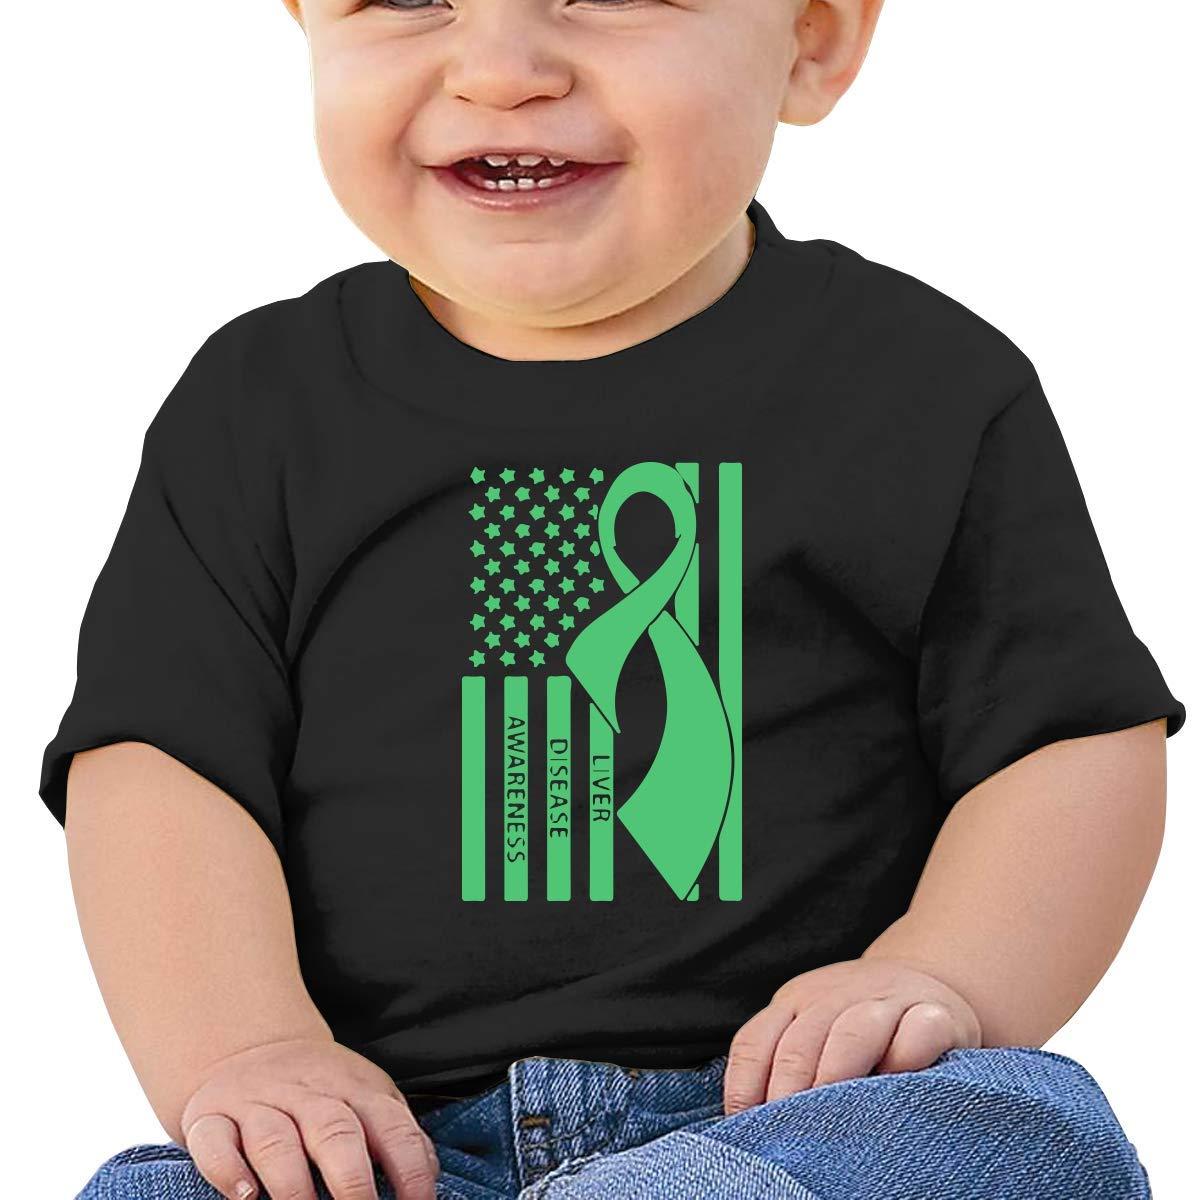 Liver Disease Awareness Newborn Baby Newborn Short Sleeve T-Shirt 6-24 Month Soft Tops